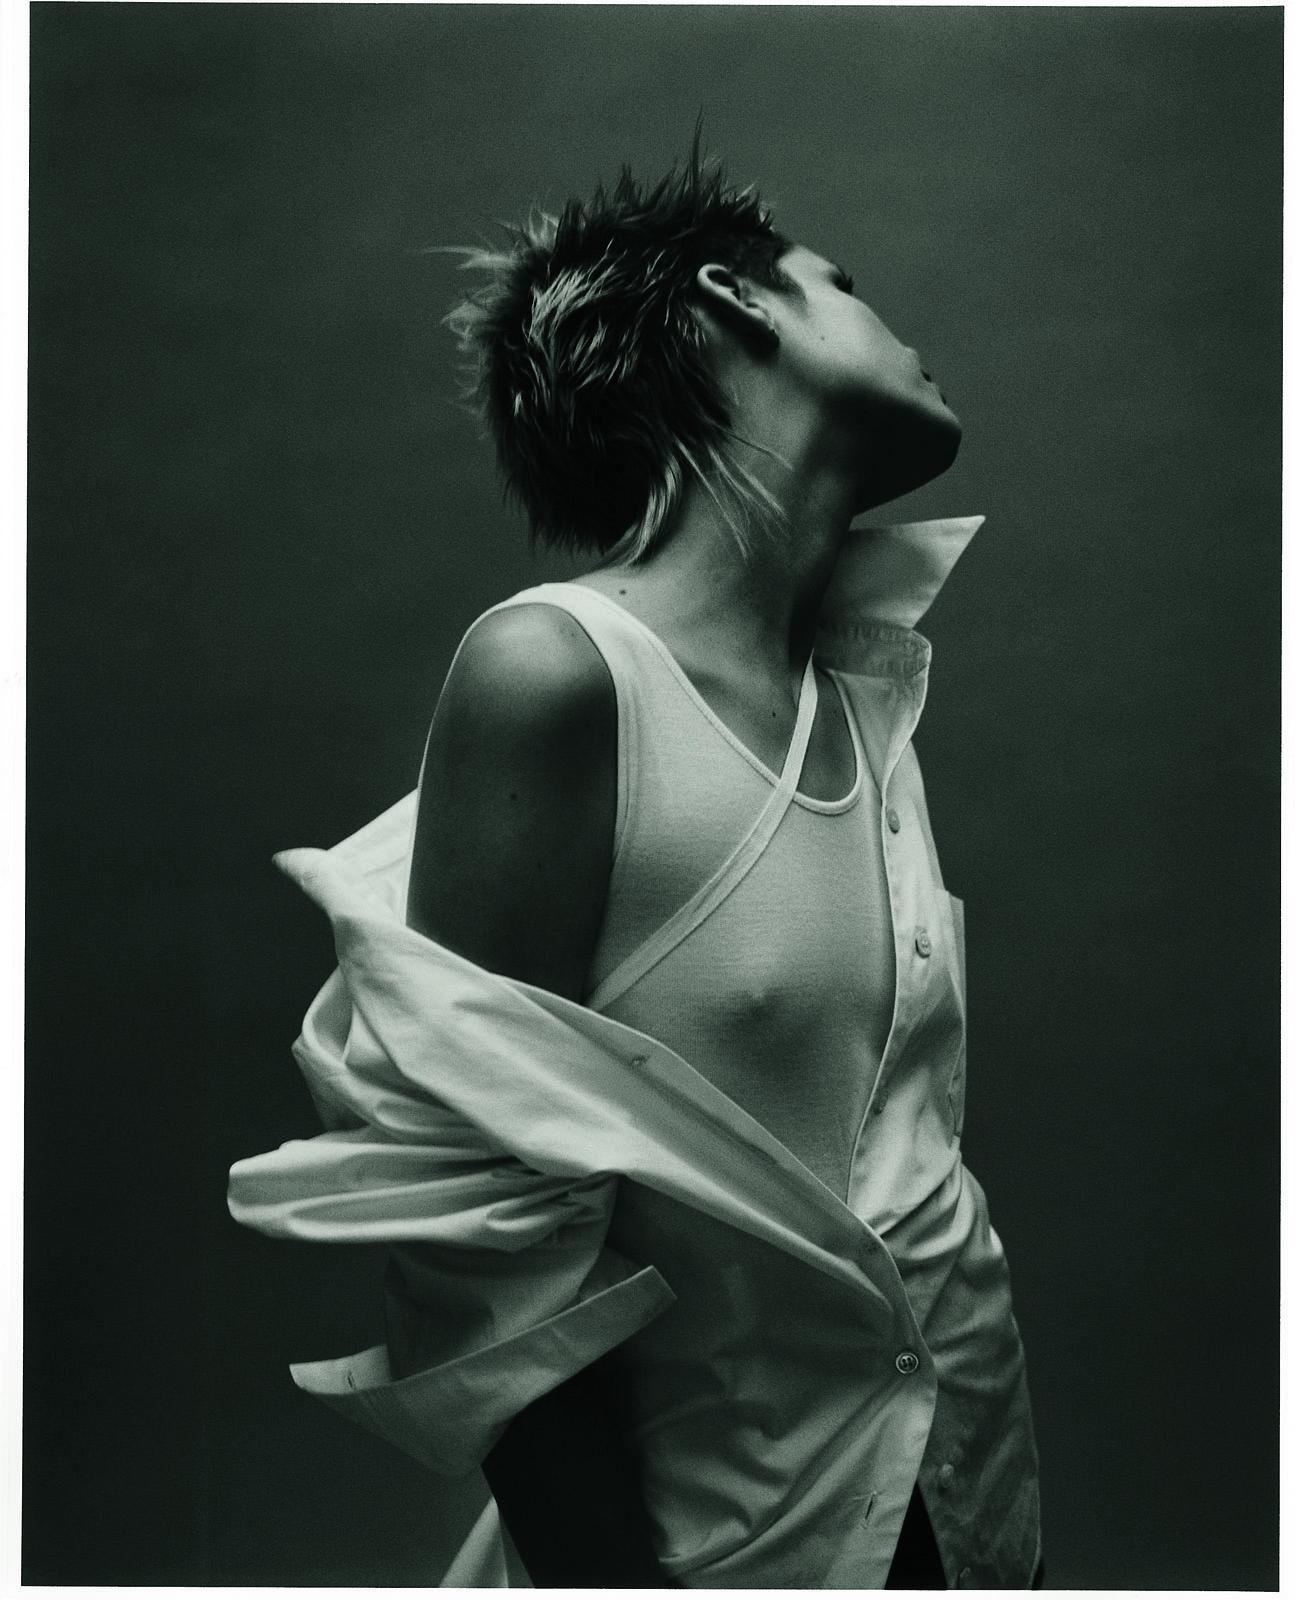 Photo by Davide Sorrenti